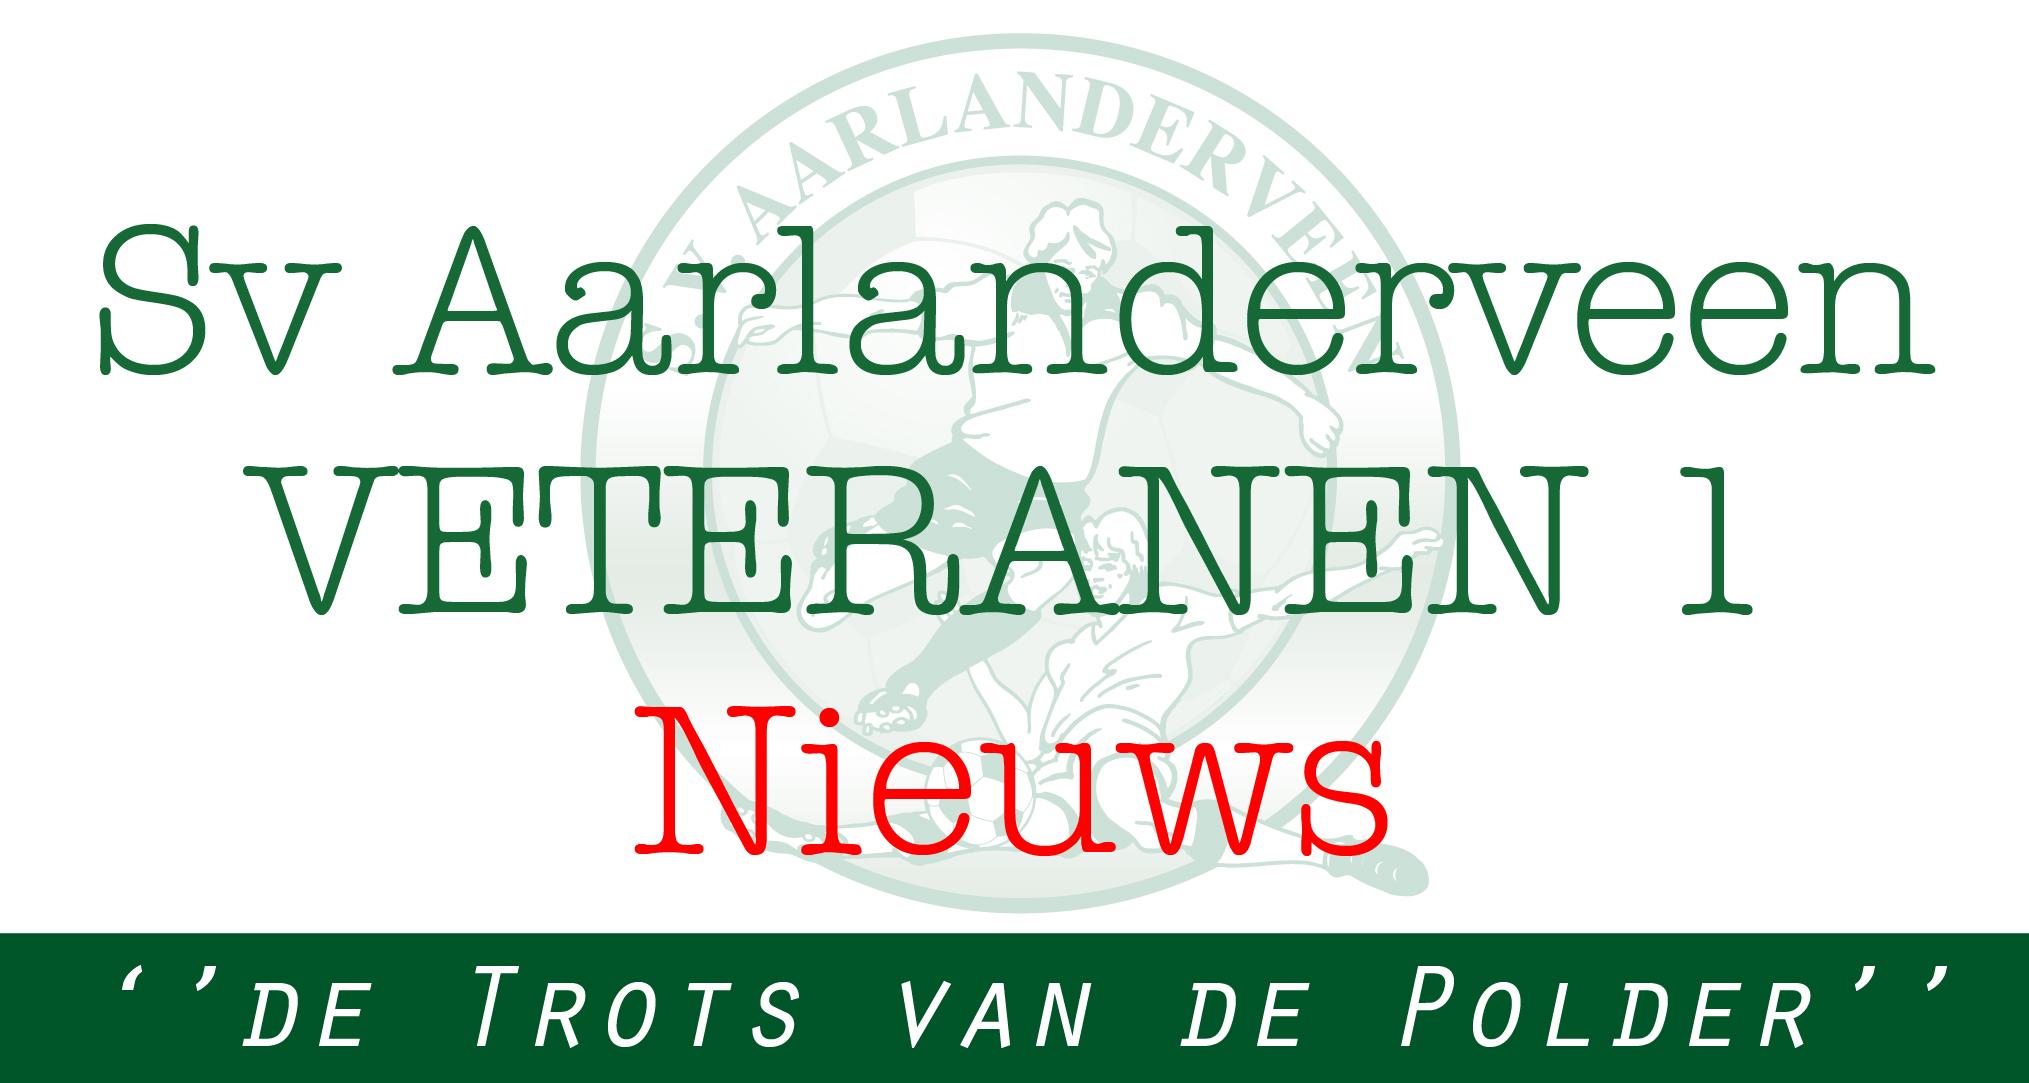 Aarlanderveen 3 – Aarlanderveen VE1